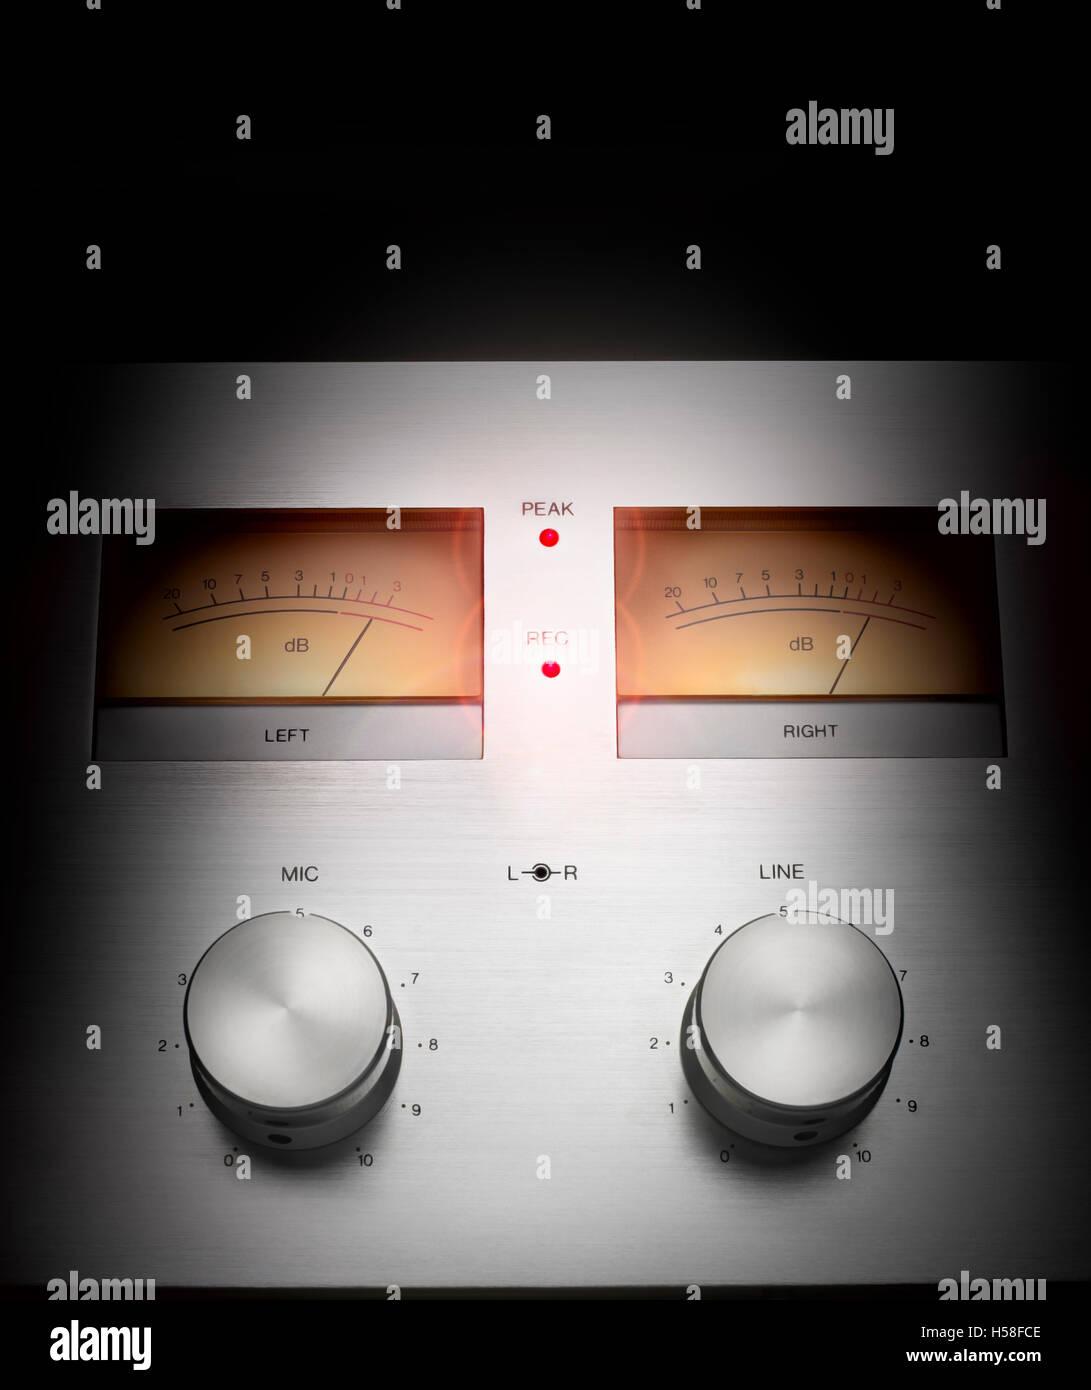 Retro hifi tape deck.Saturated audio signal concept. Audio peak - Stock Image